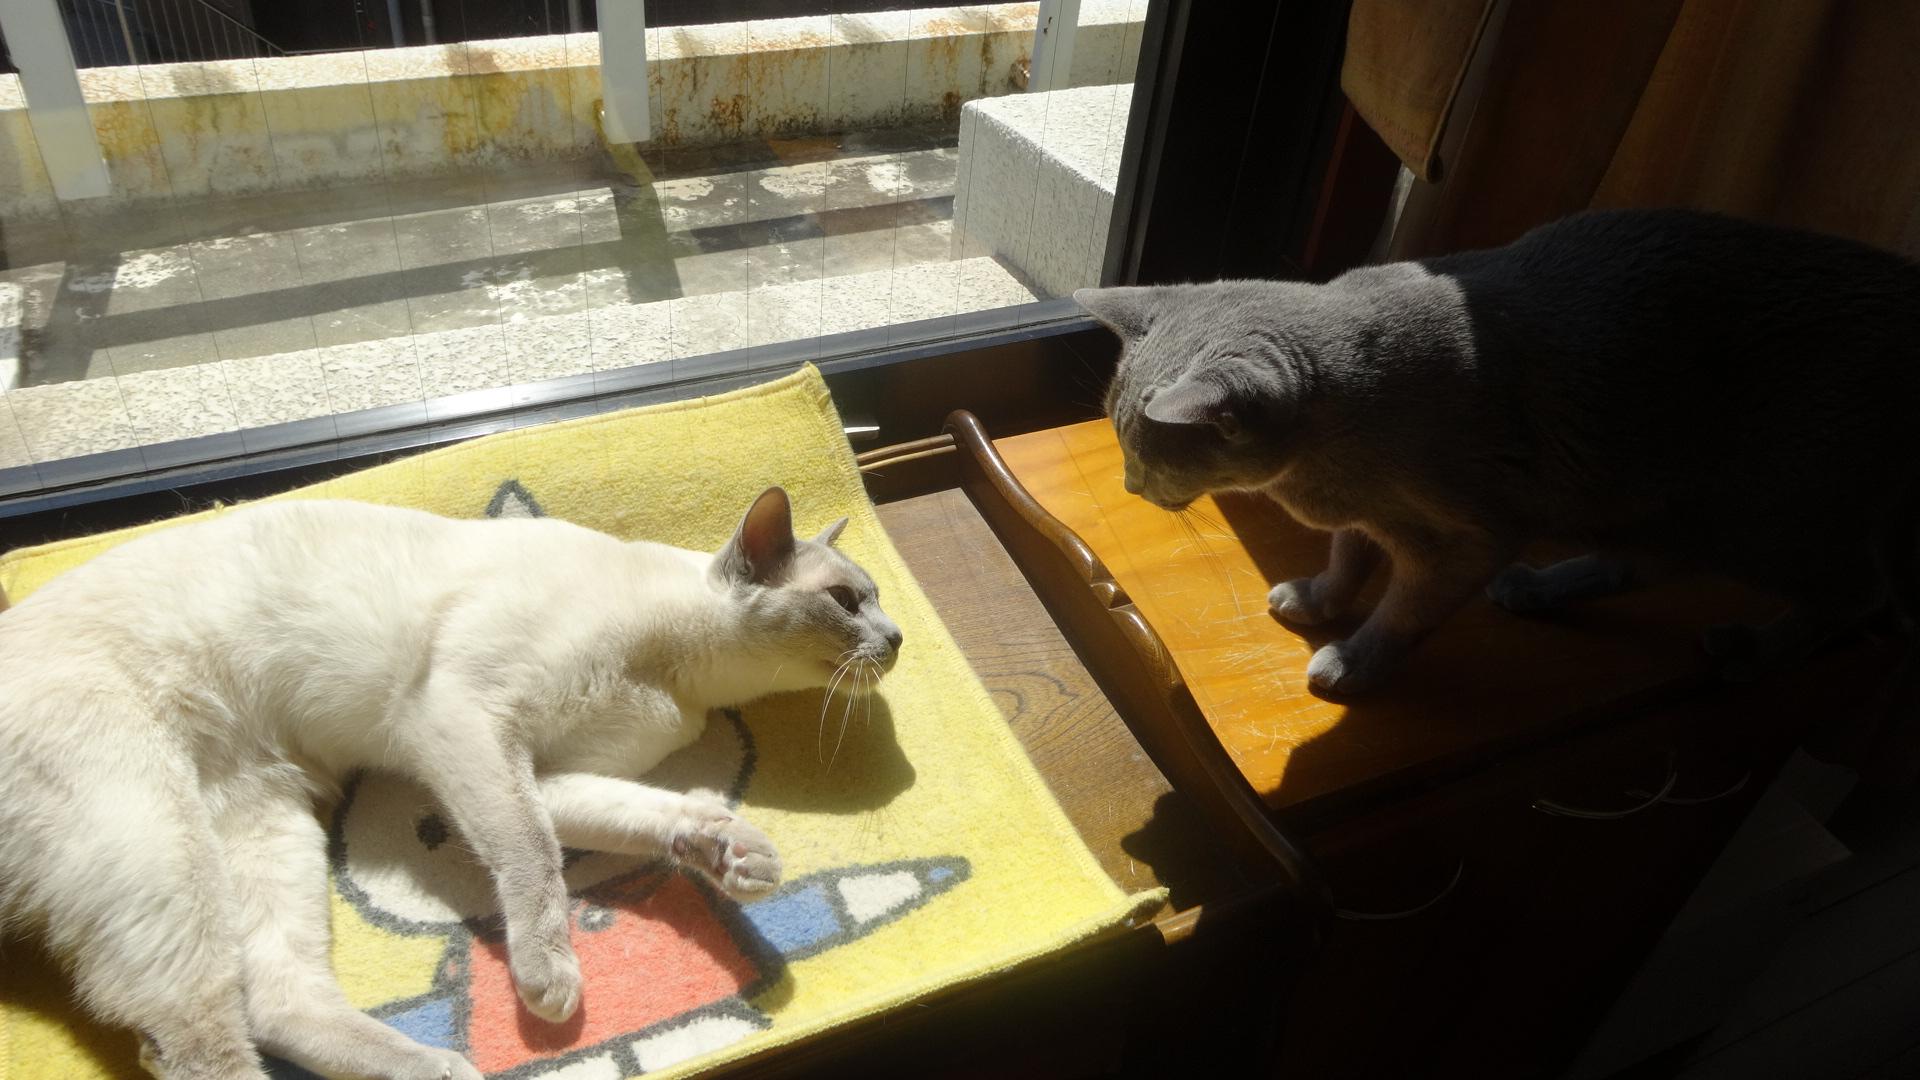 デイジーと楓の整理棚の上のとりあい